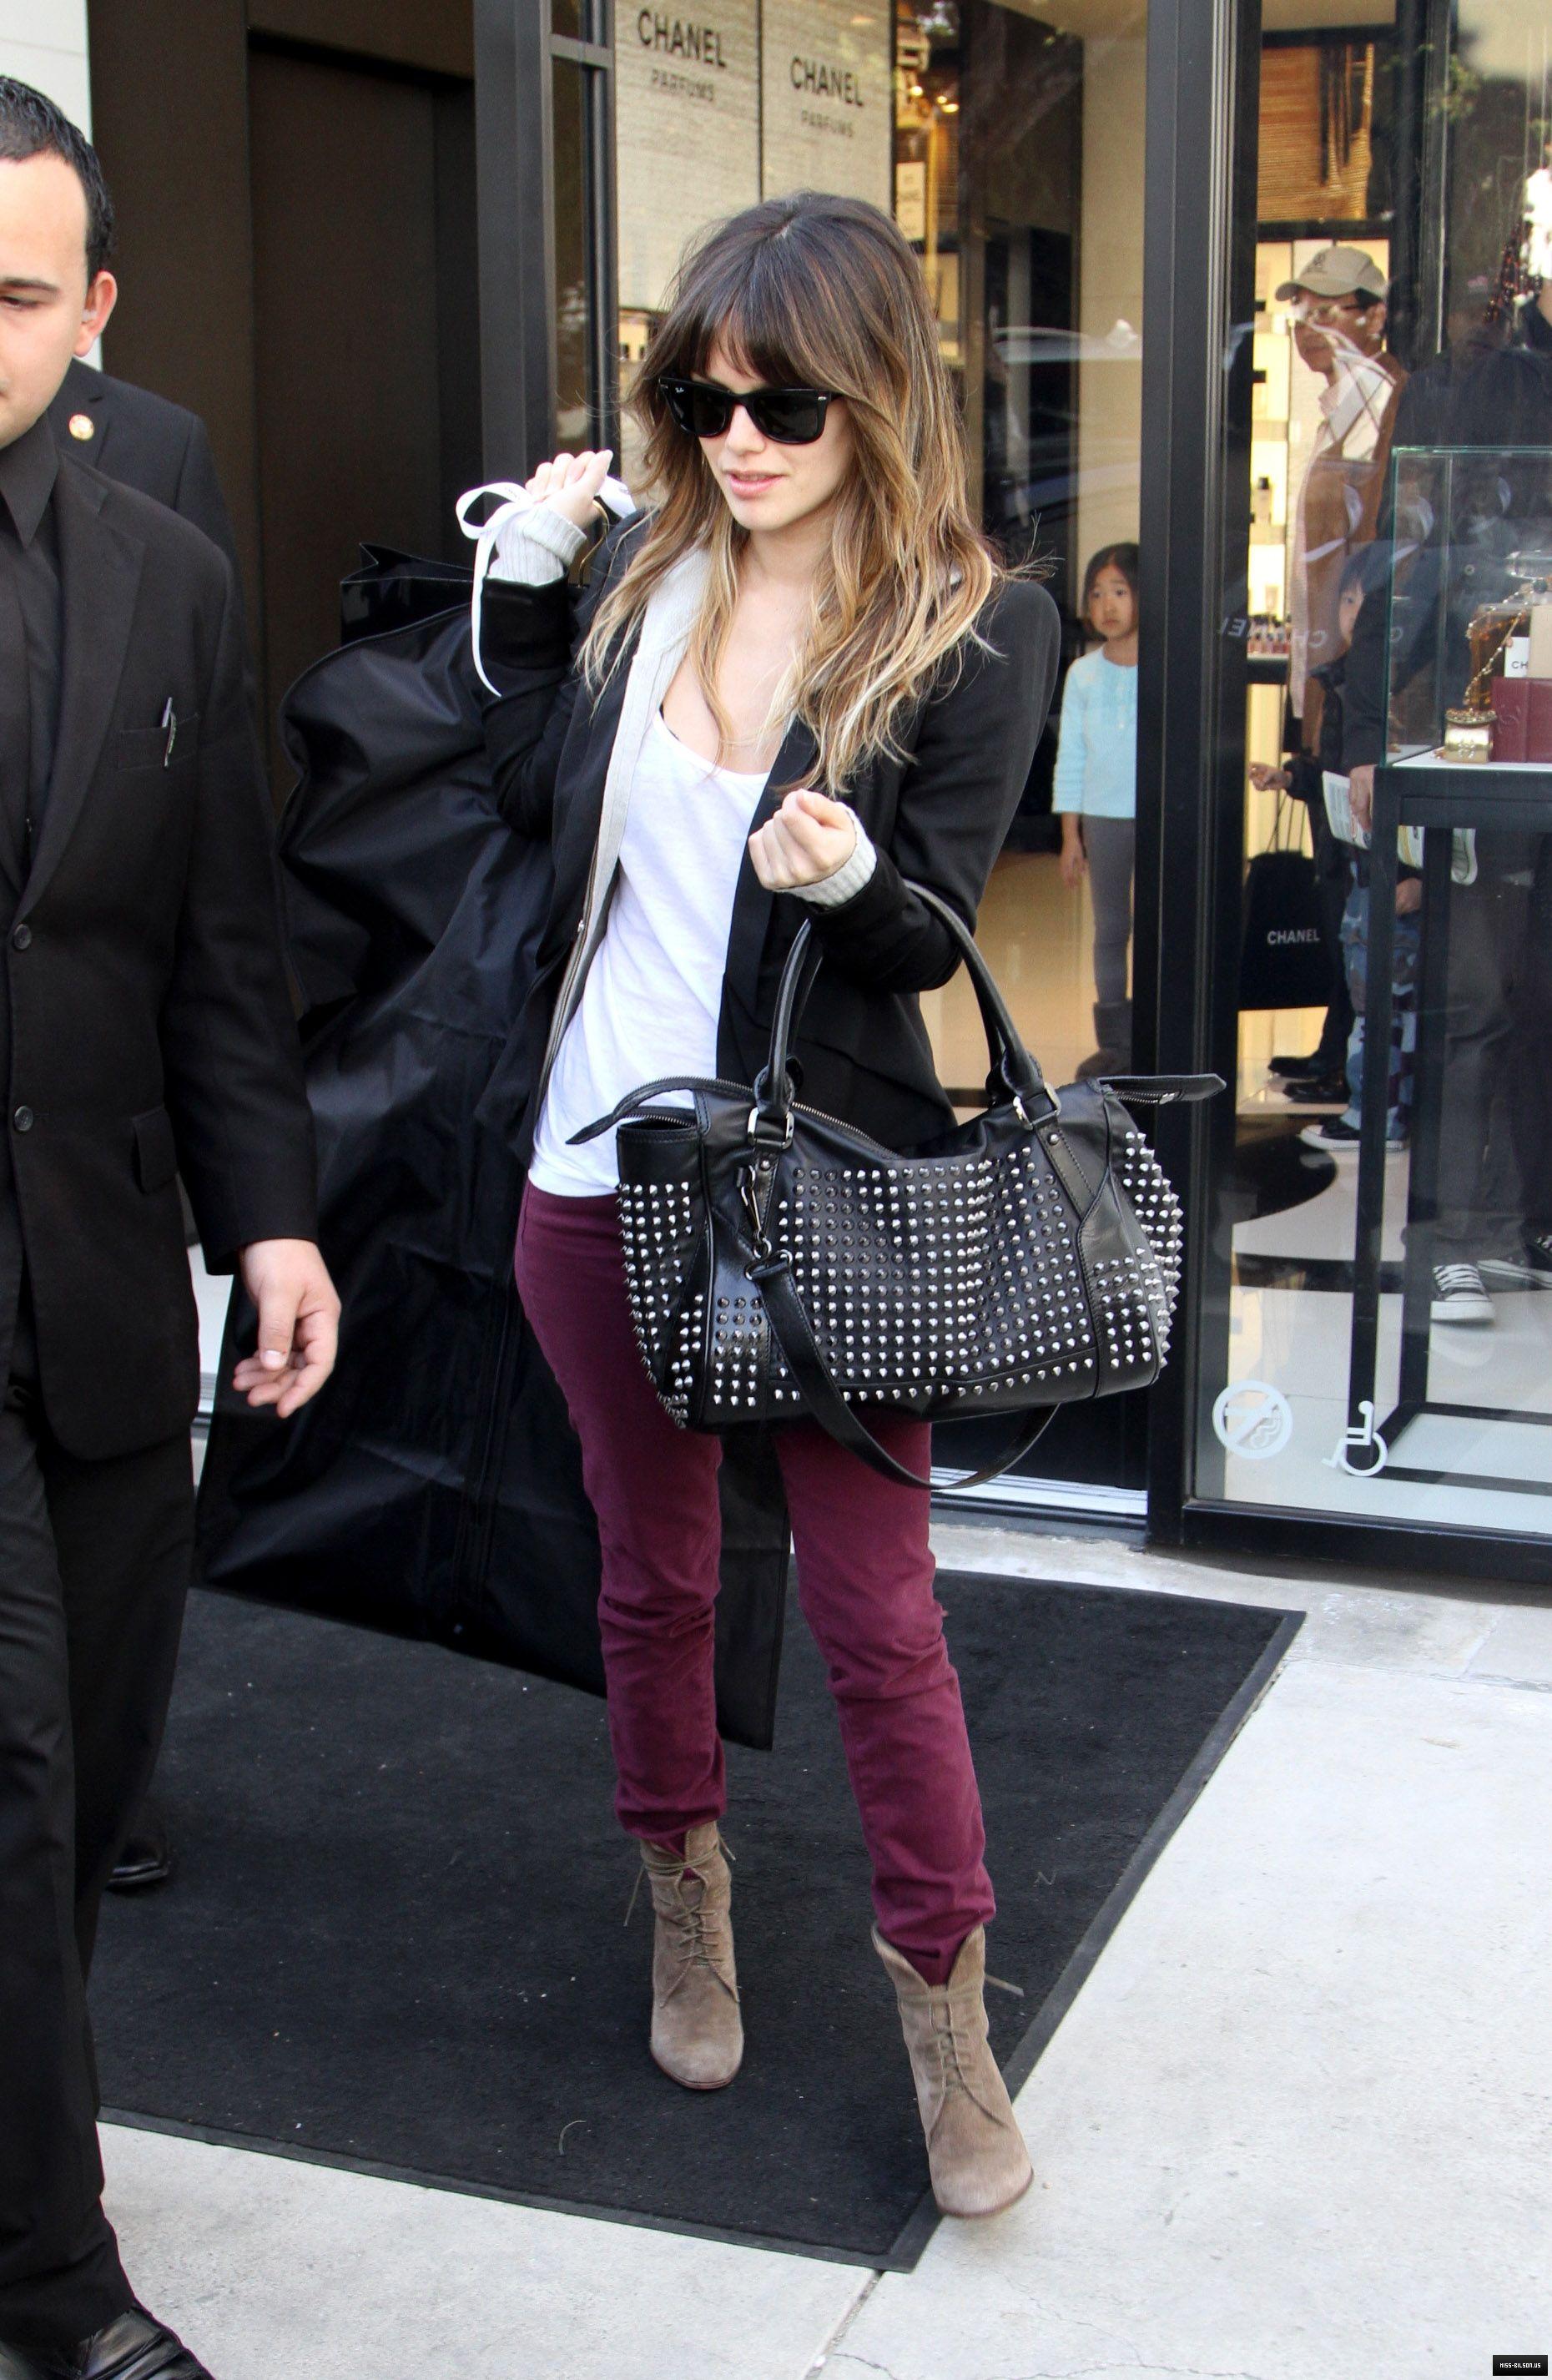 pantalones violeta, remera blanca, saco negro, botinetas vison